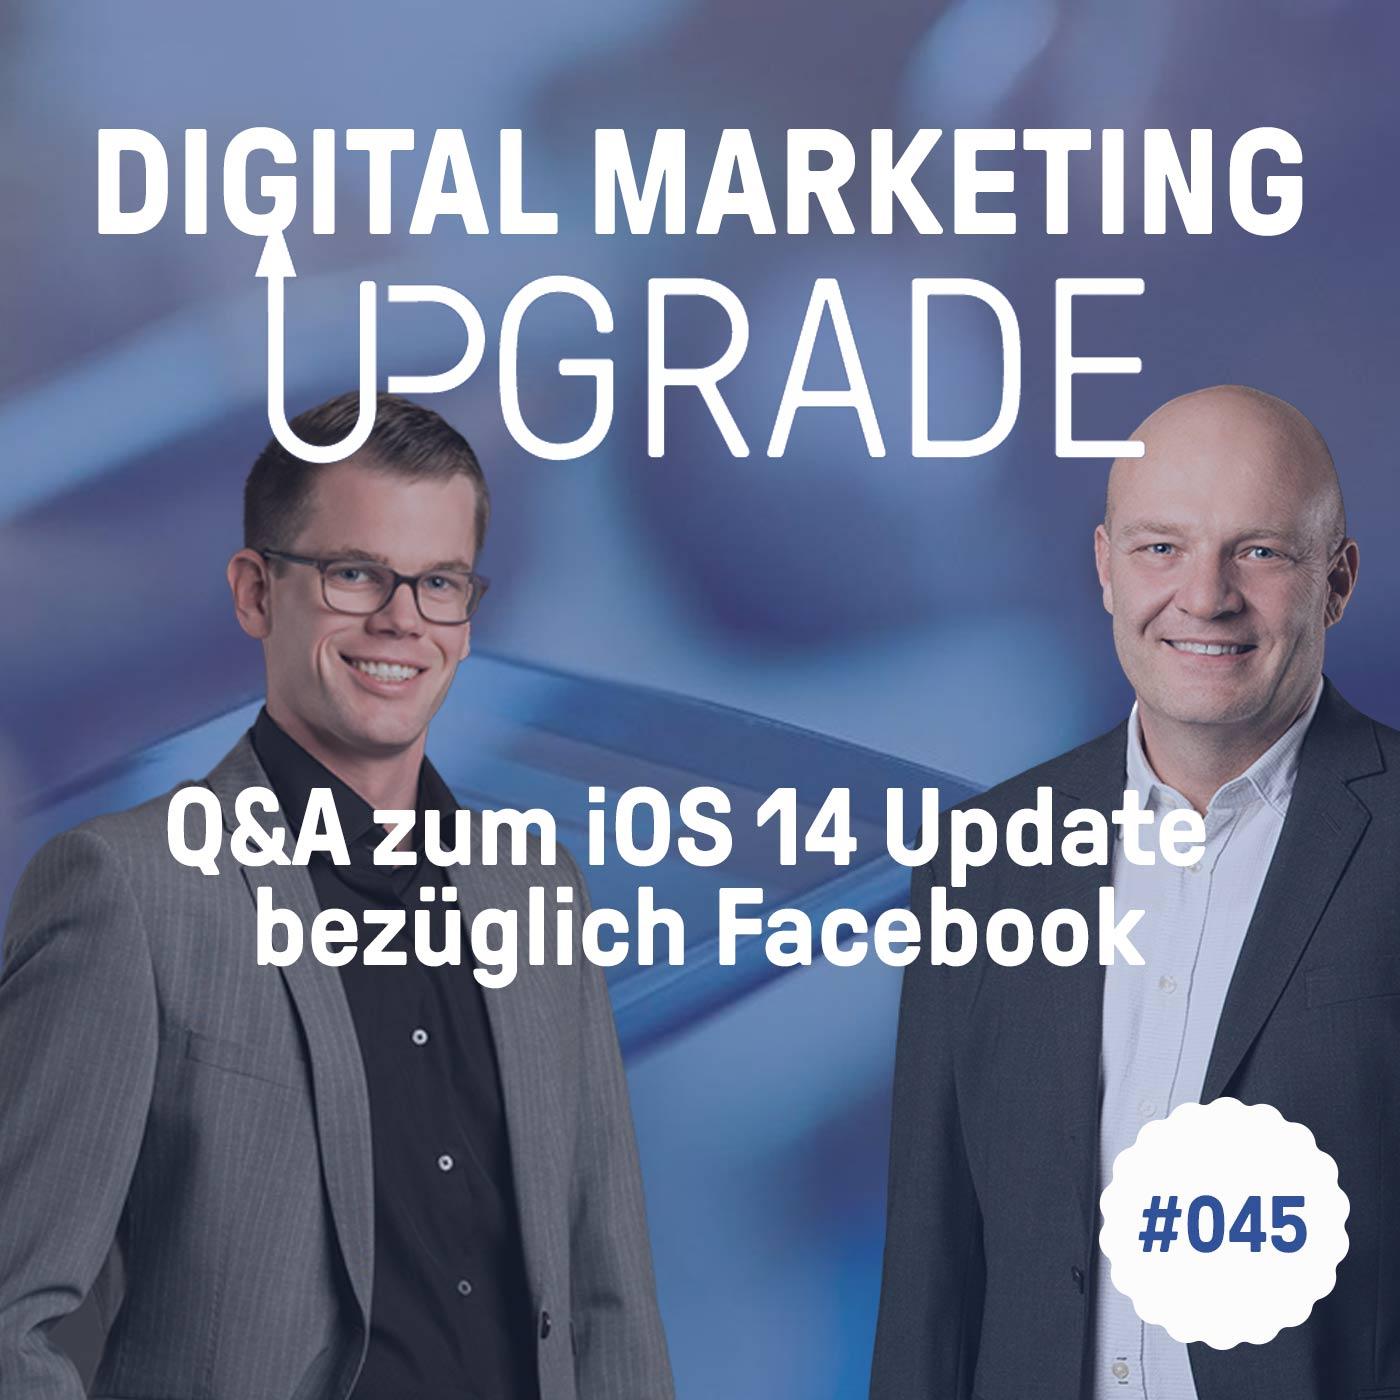 Q&A zum iOS 14 Update bezüglich Facebook - mit Claude Sprenger #045